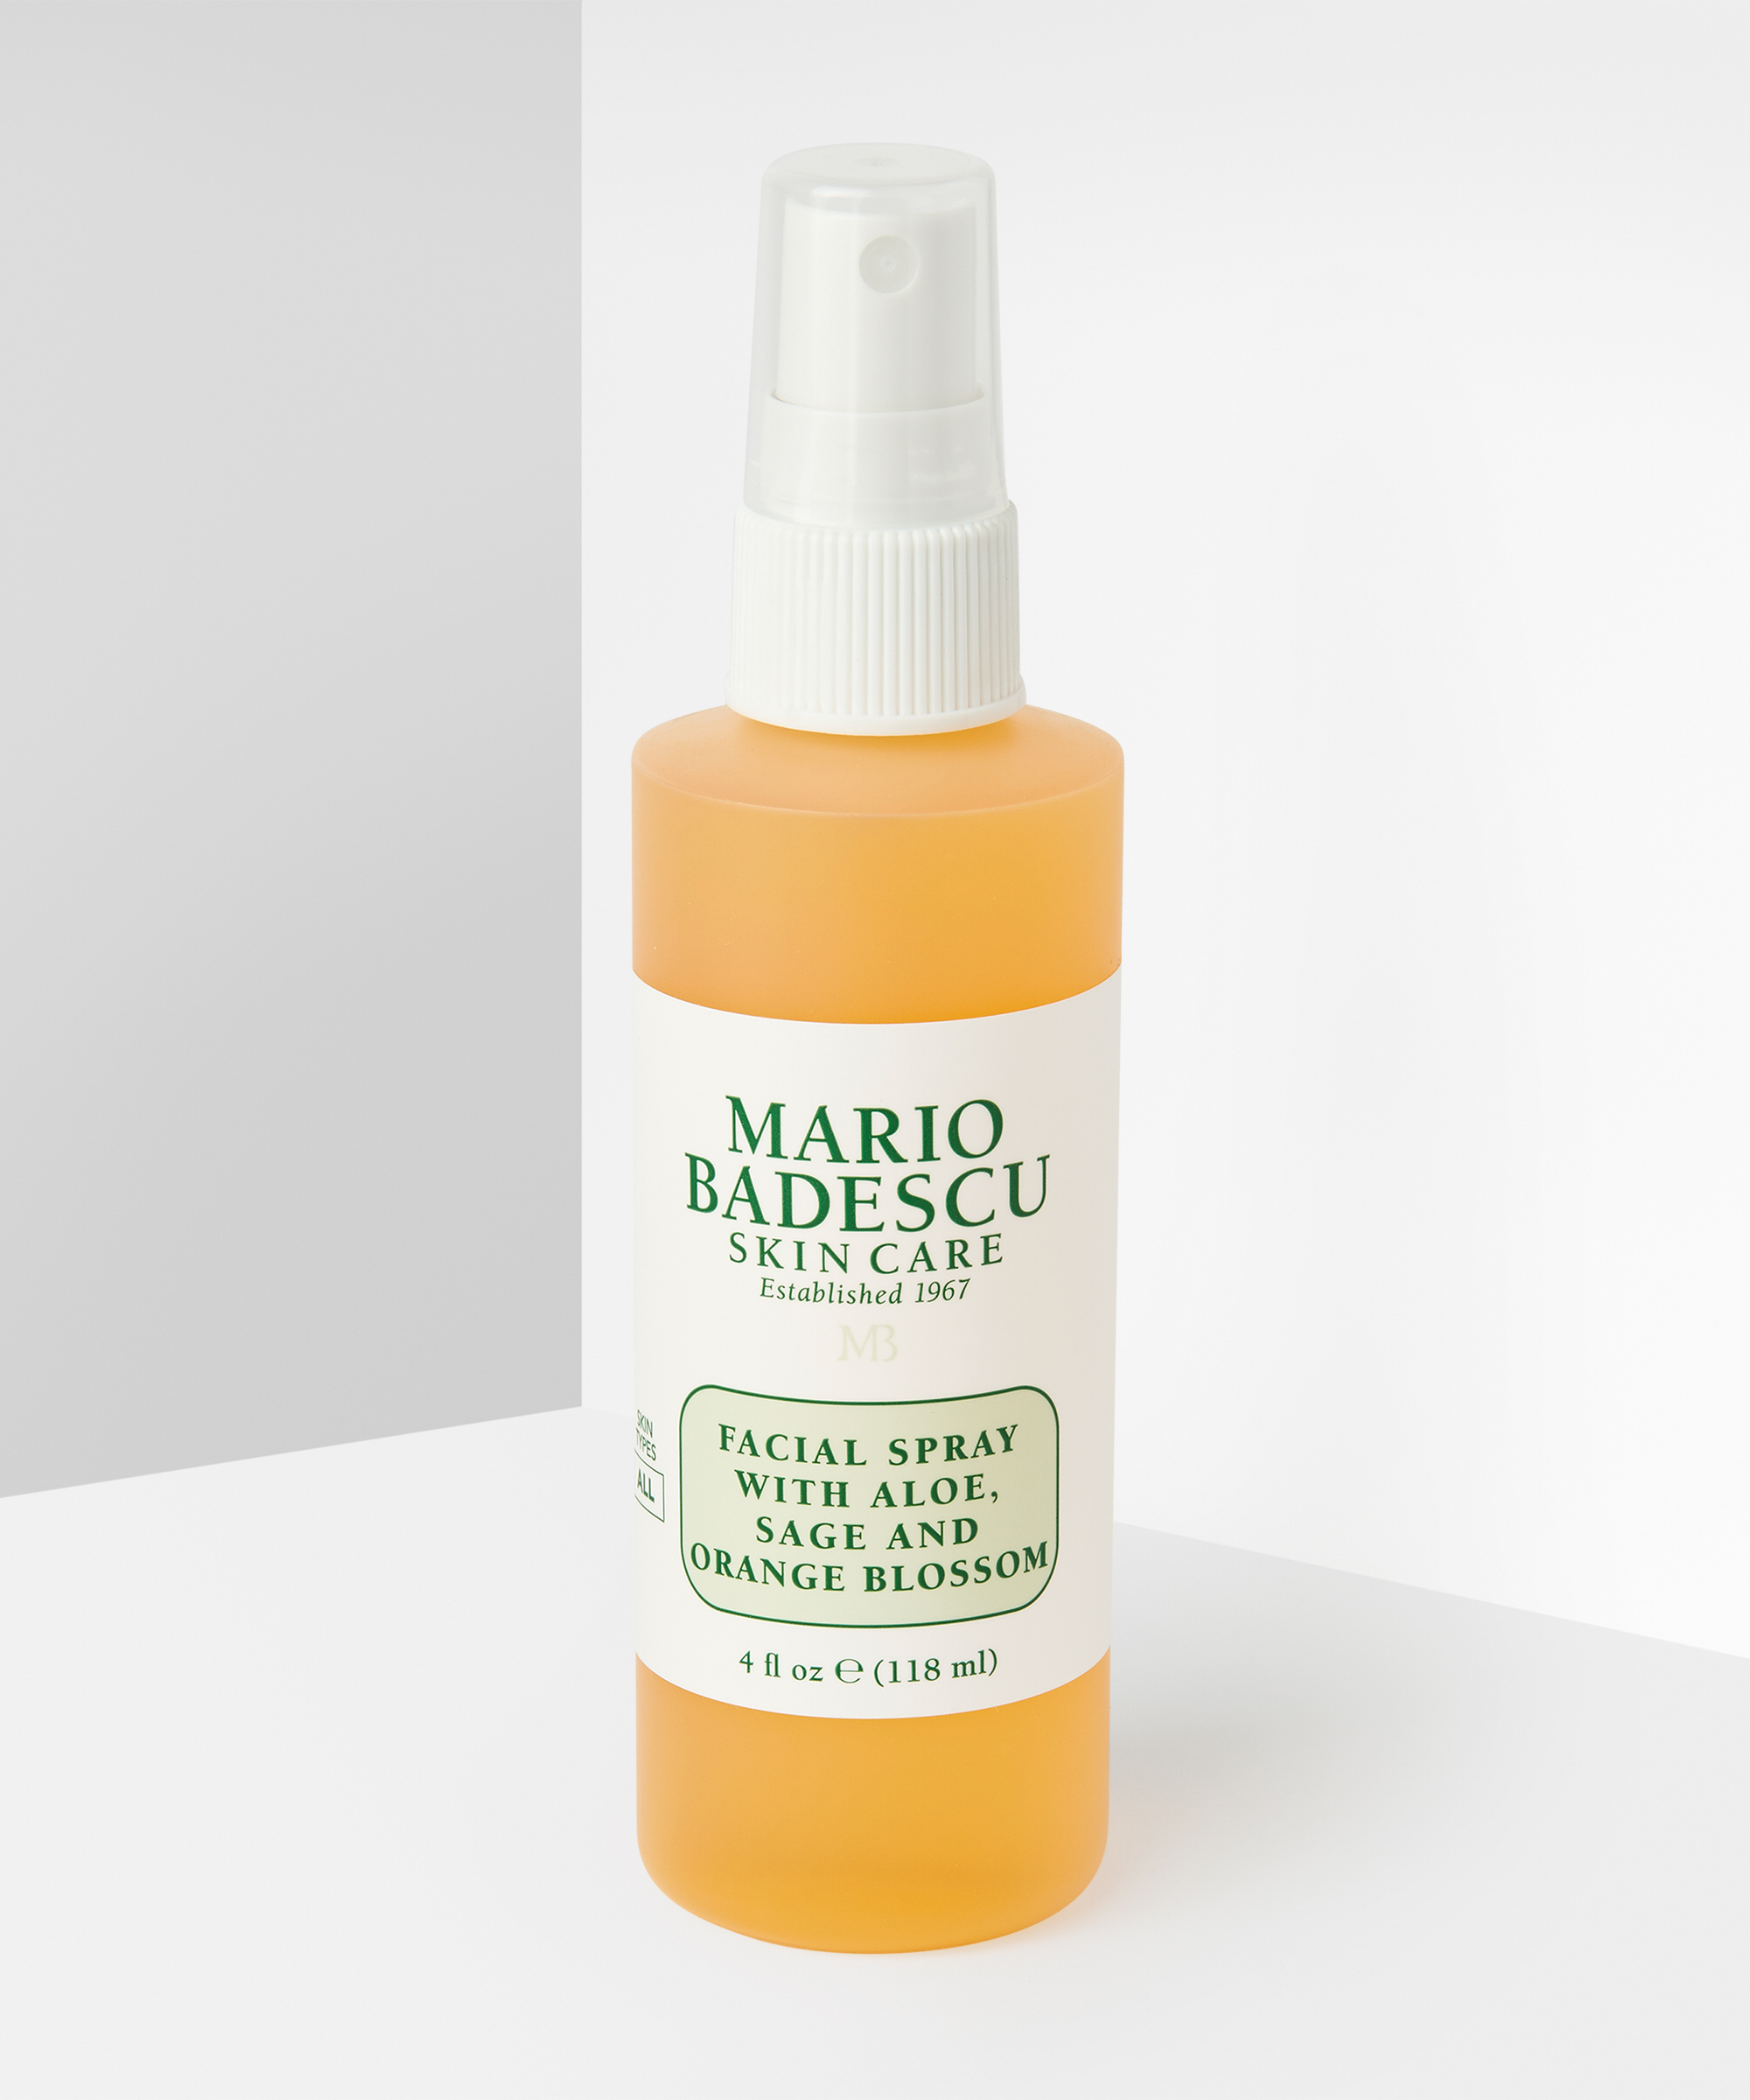 Facial Spray With Aloe Sage And Orange Blossom